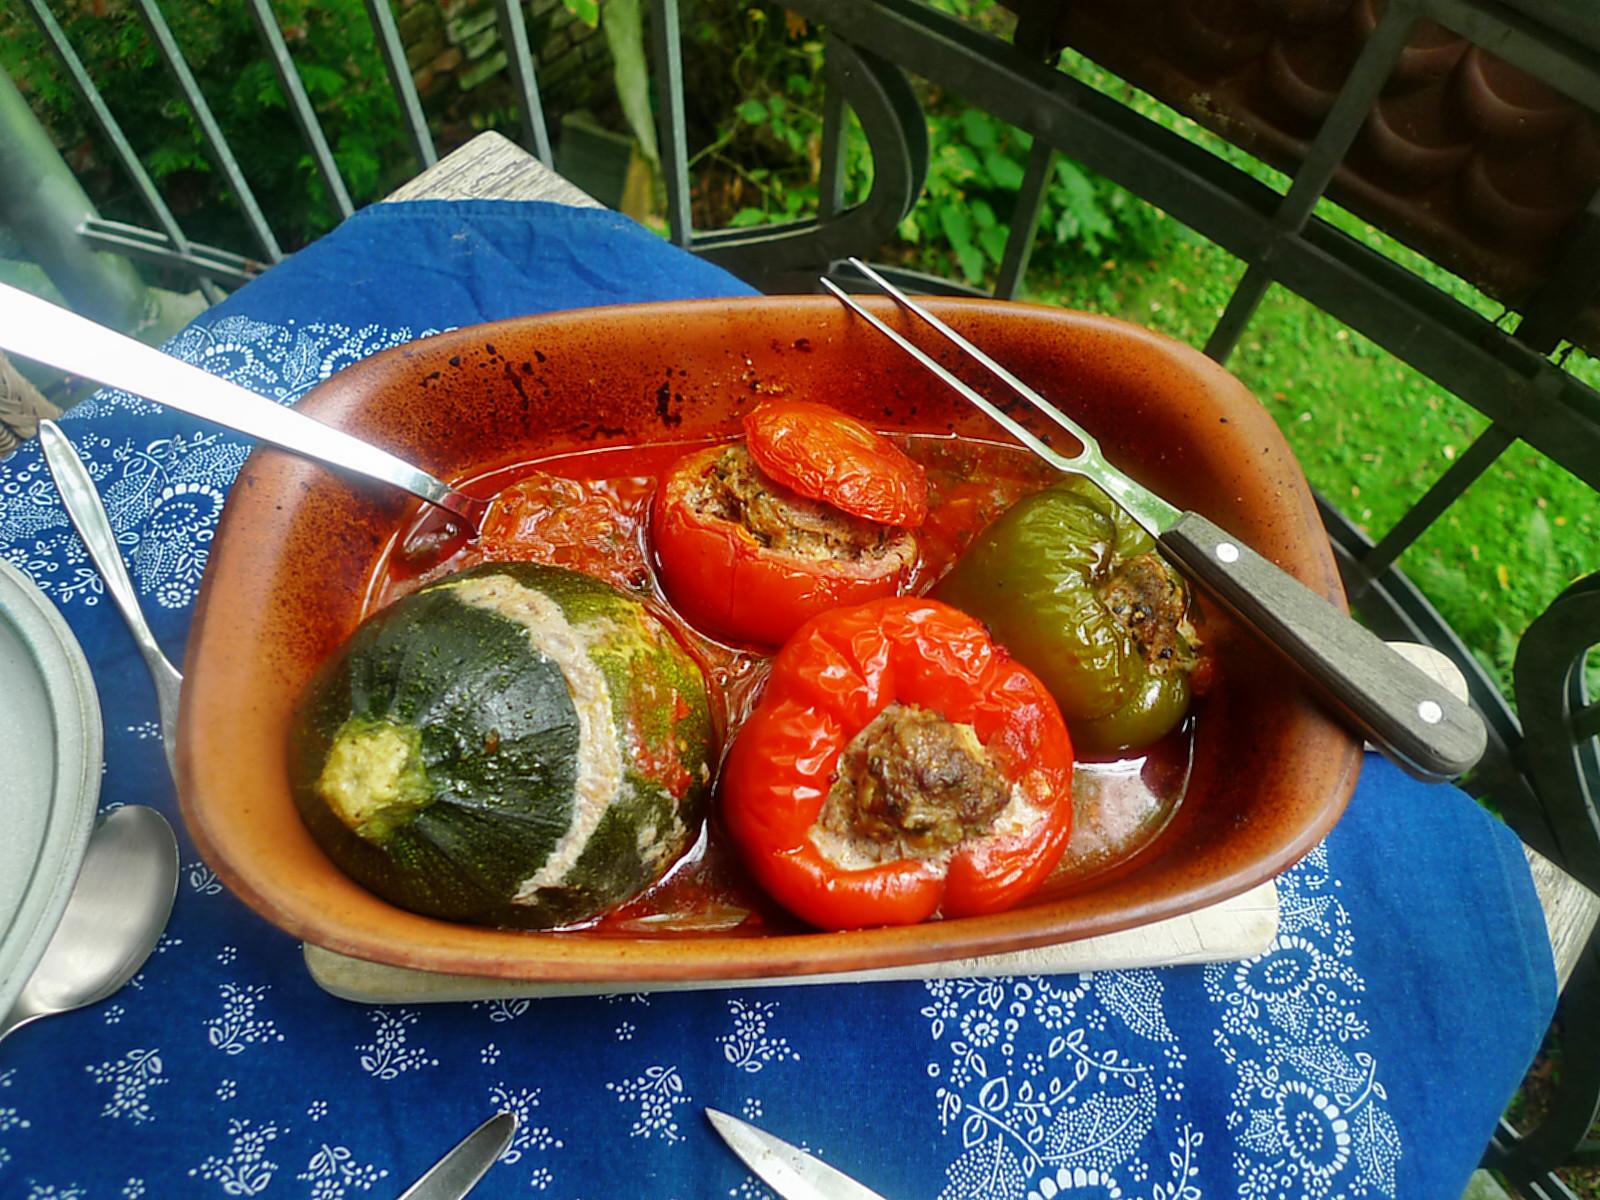 gefüllte Zucchini und Paprika-7.8.14  (17)